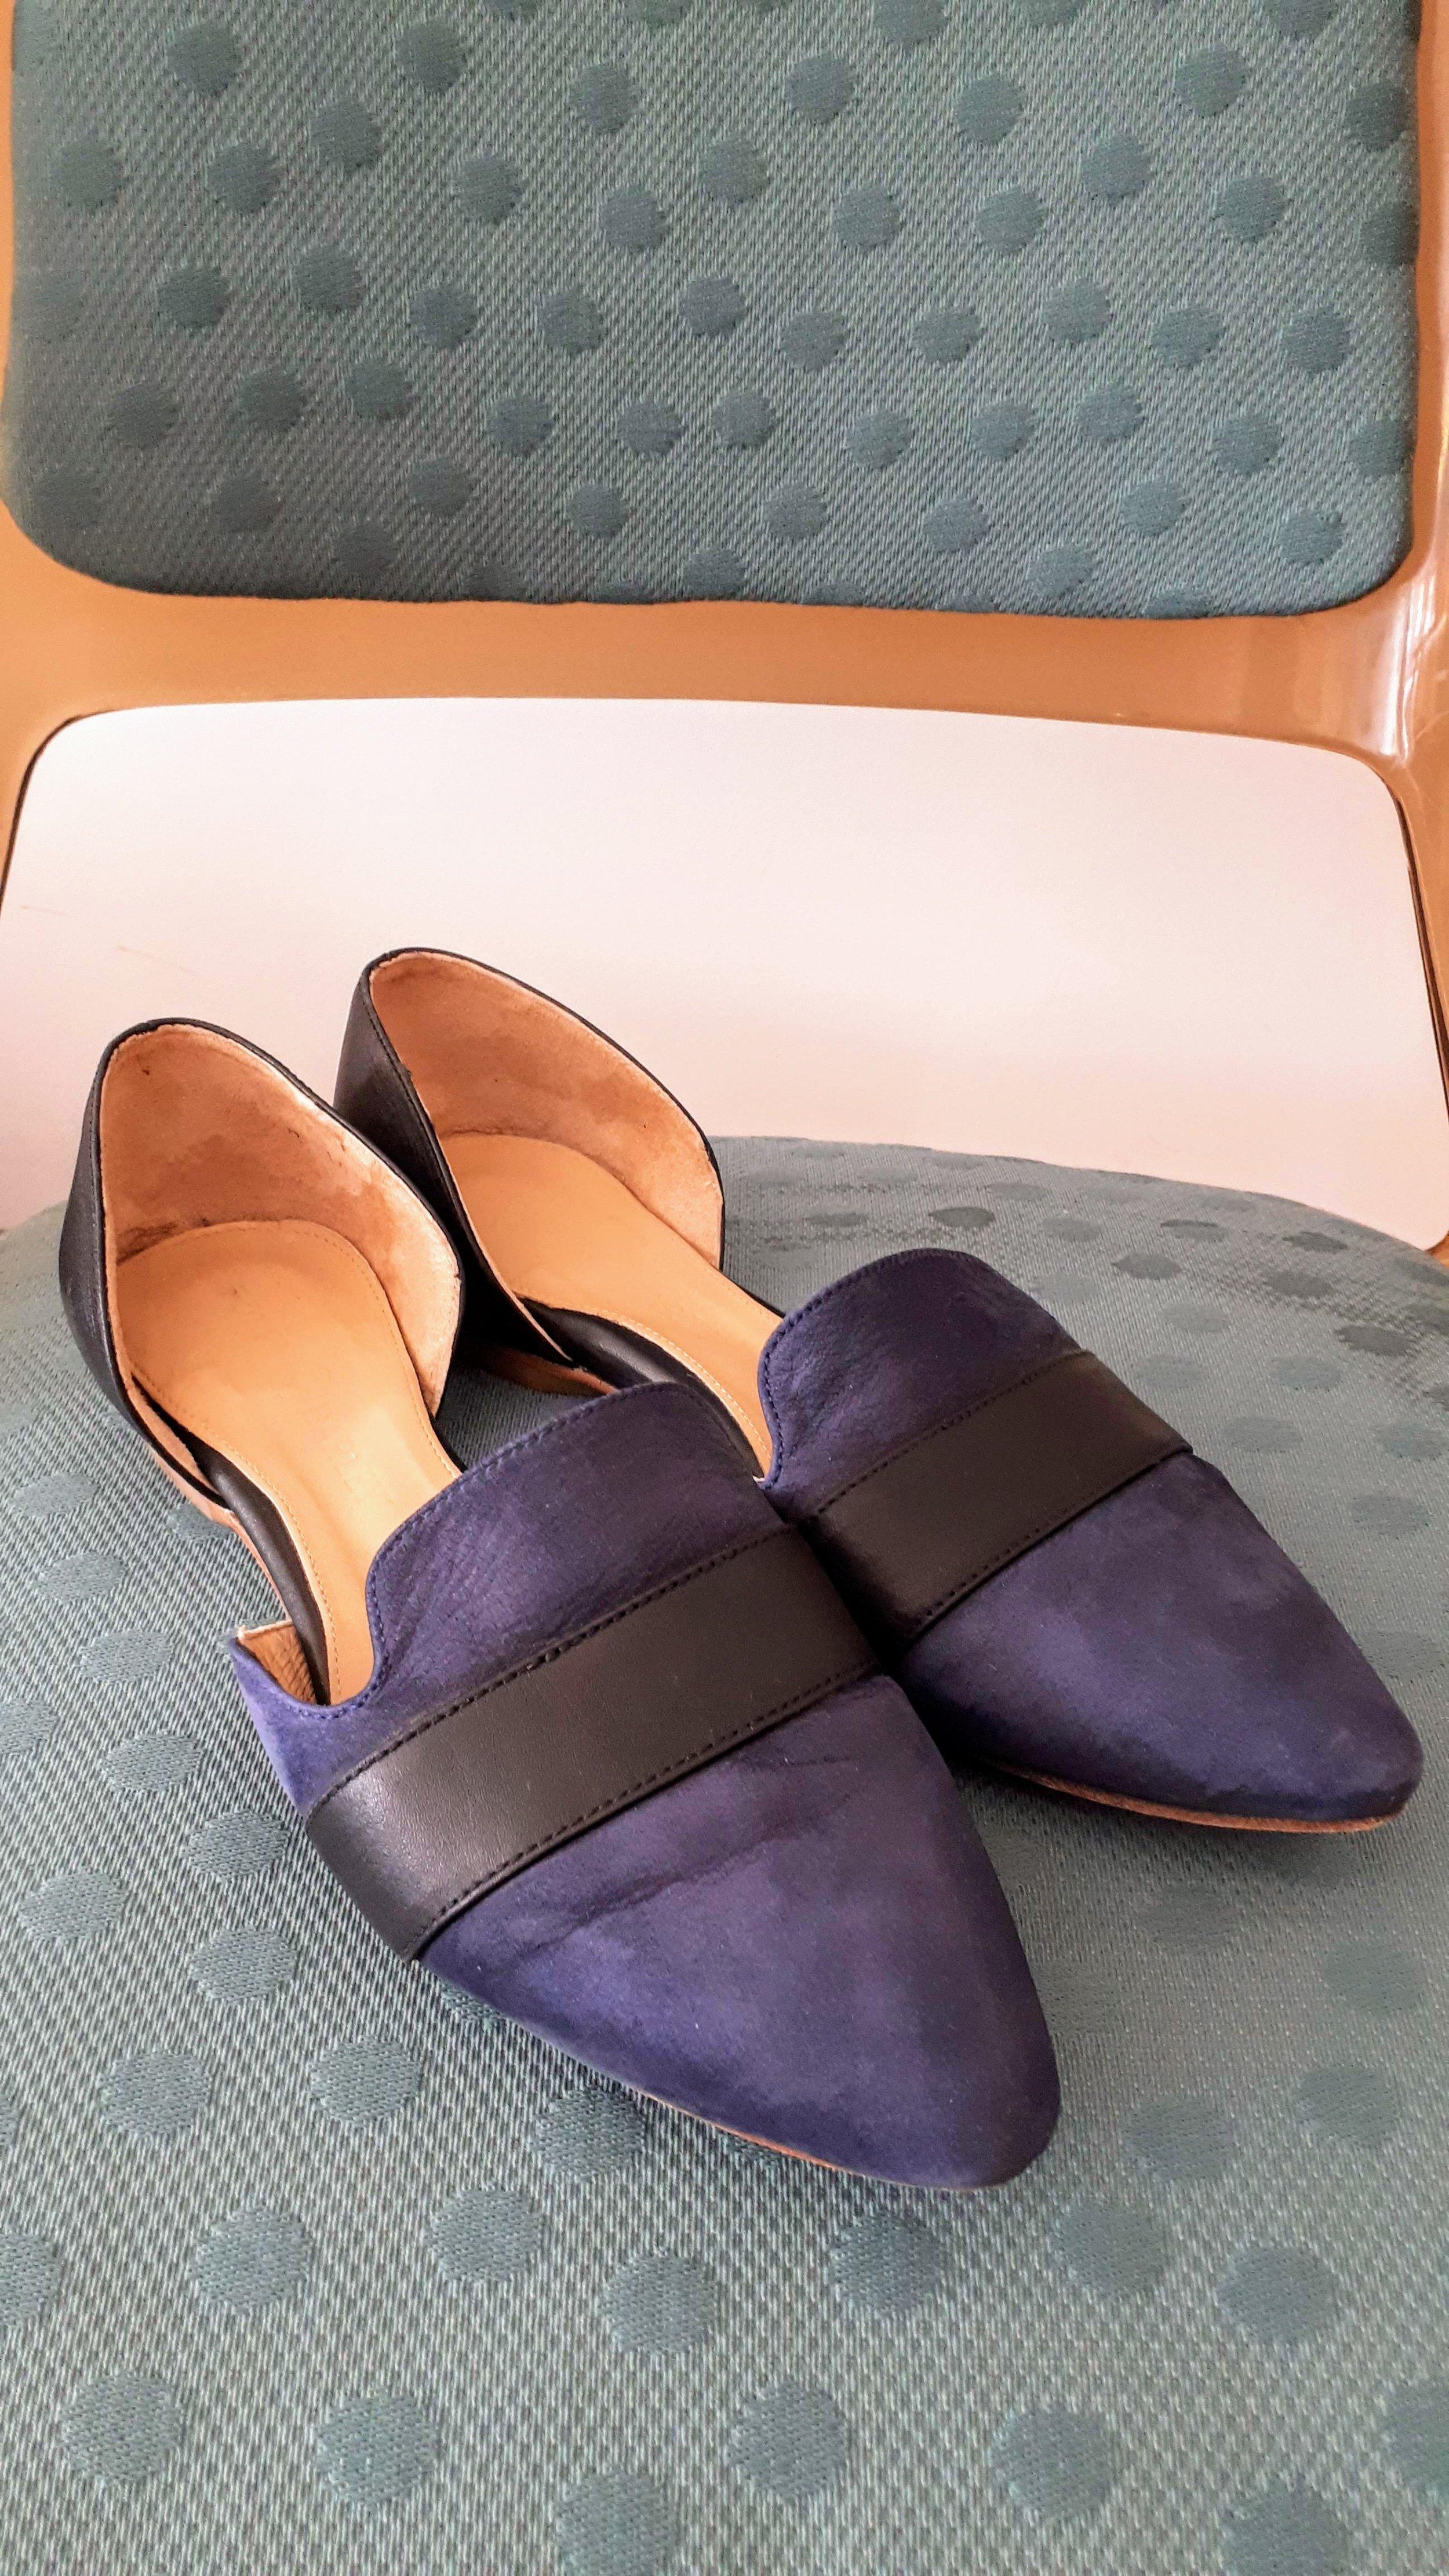 Poppy Barley shoes; Size 7.5, $46